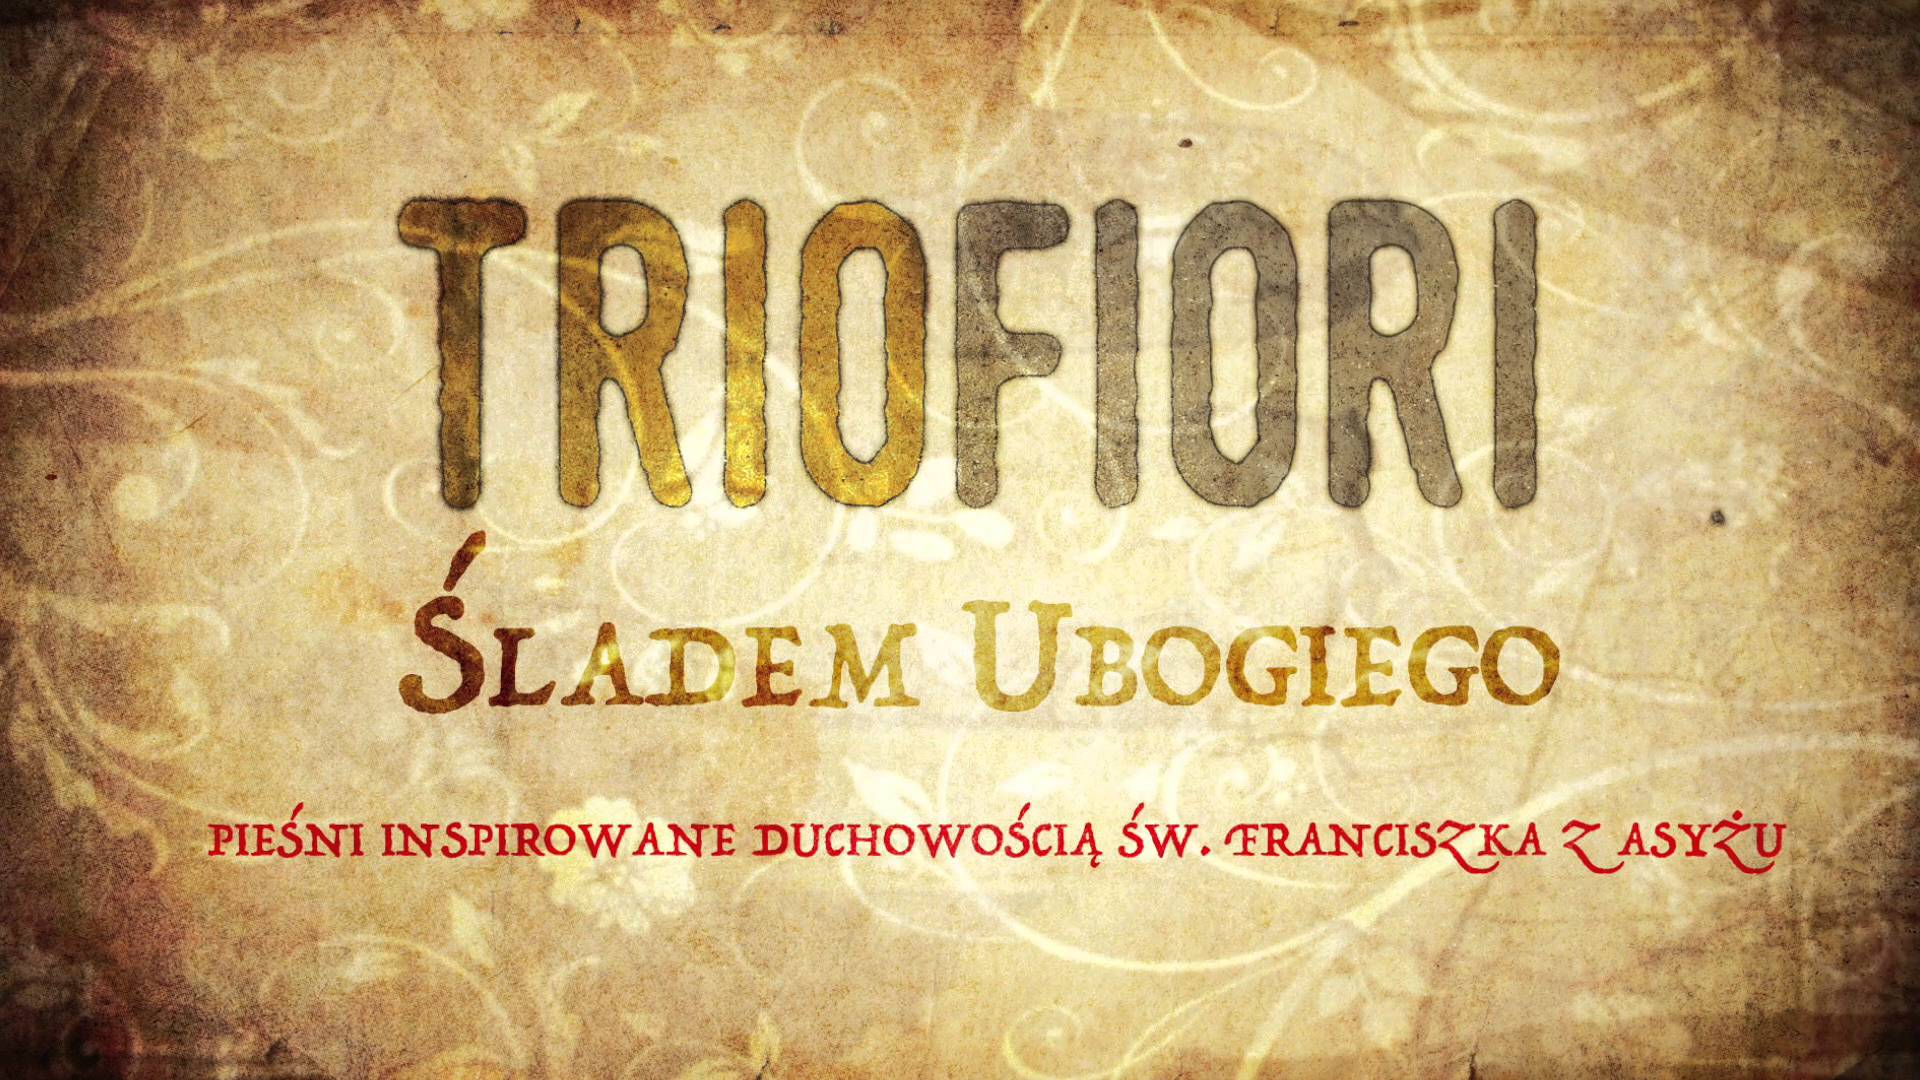 Triofiori – zapowiedźteledysku